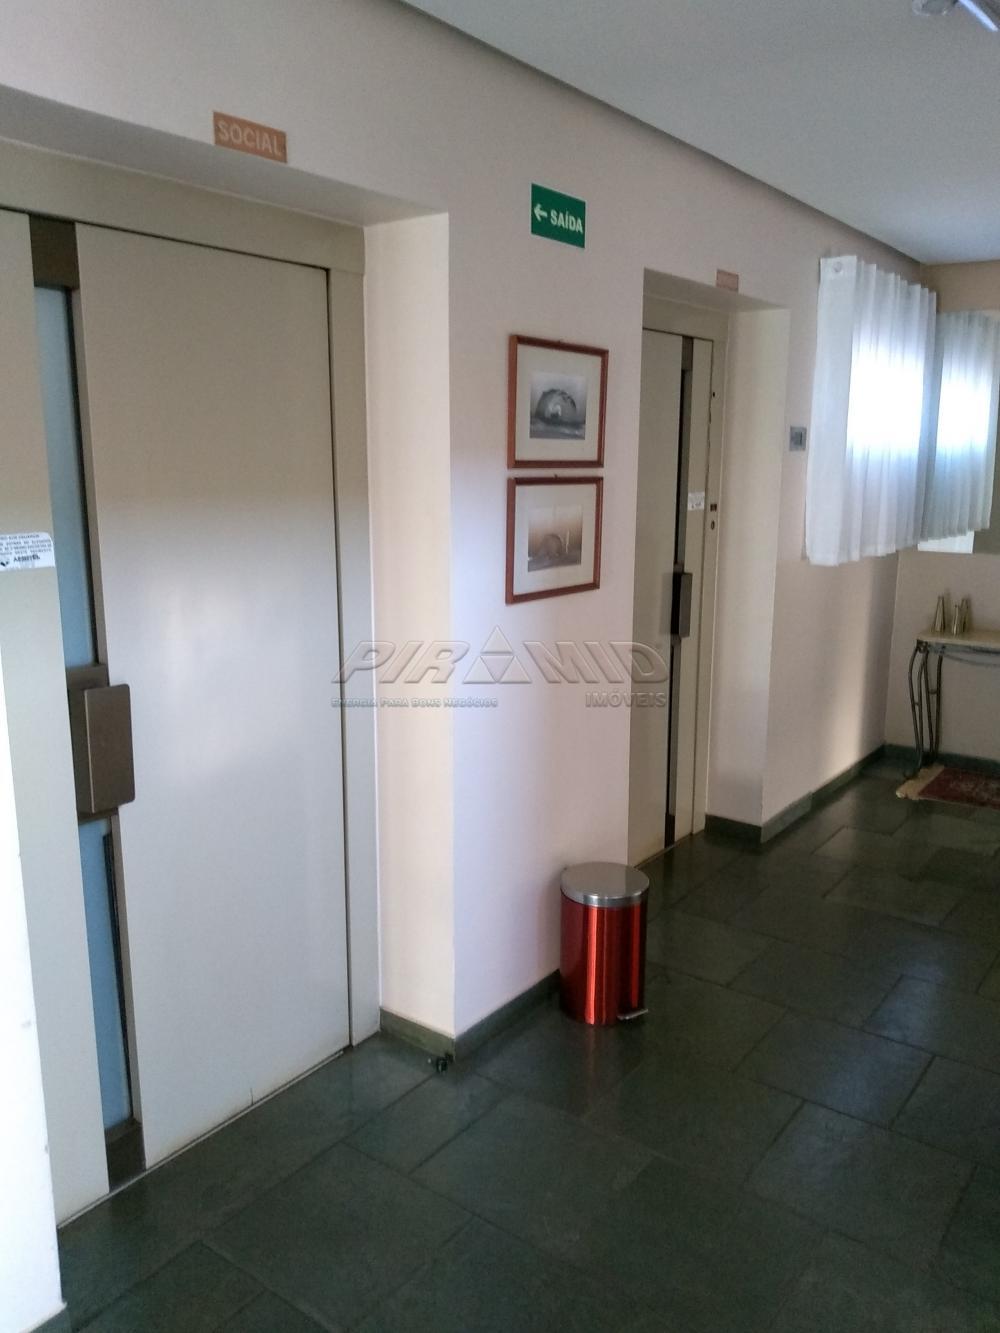 Comprar Apartamento / Padrão em Ribeirão Preto R$ 270.000,00 - Foto 31